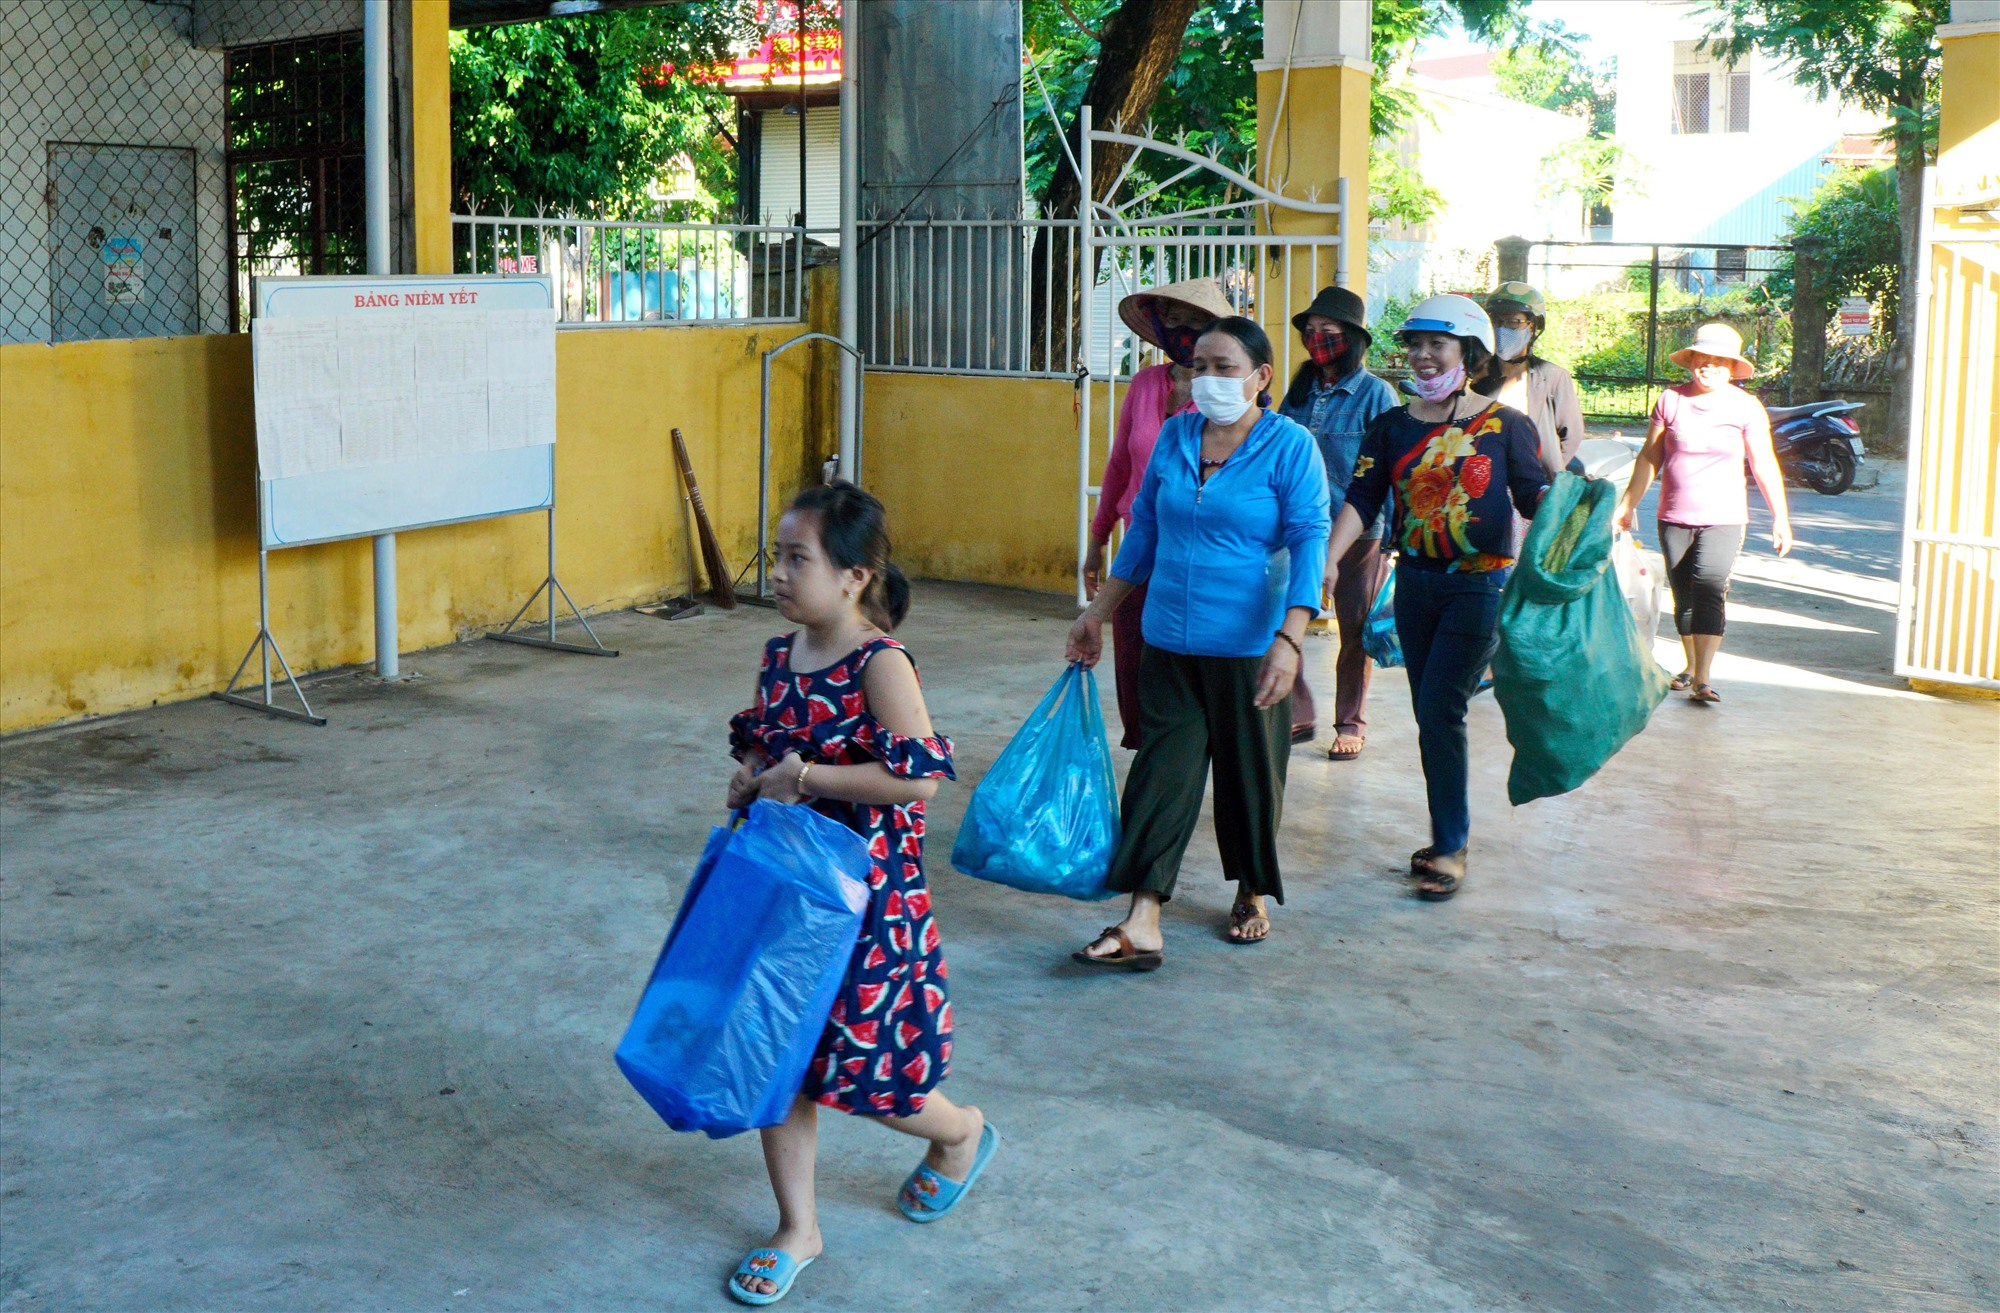 Phụ nữ phường An Xuân mang rác thải nhựa đến điểm tập trung để đổi lấy chai thủy tinh. Ảnh: NGUYỄN ĐIỆN NGỌC